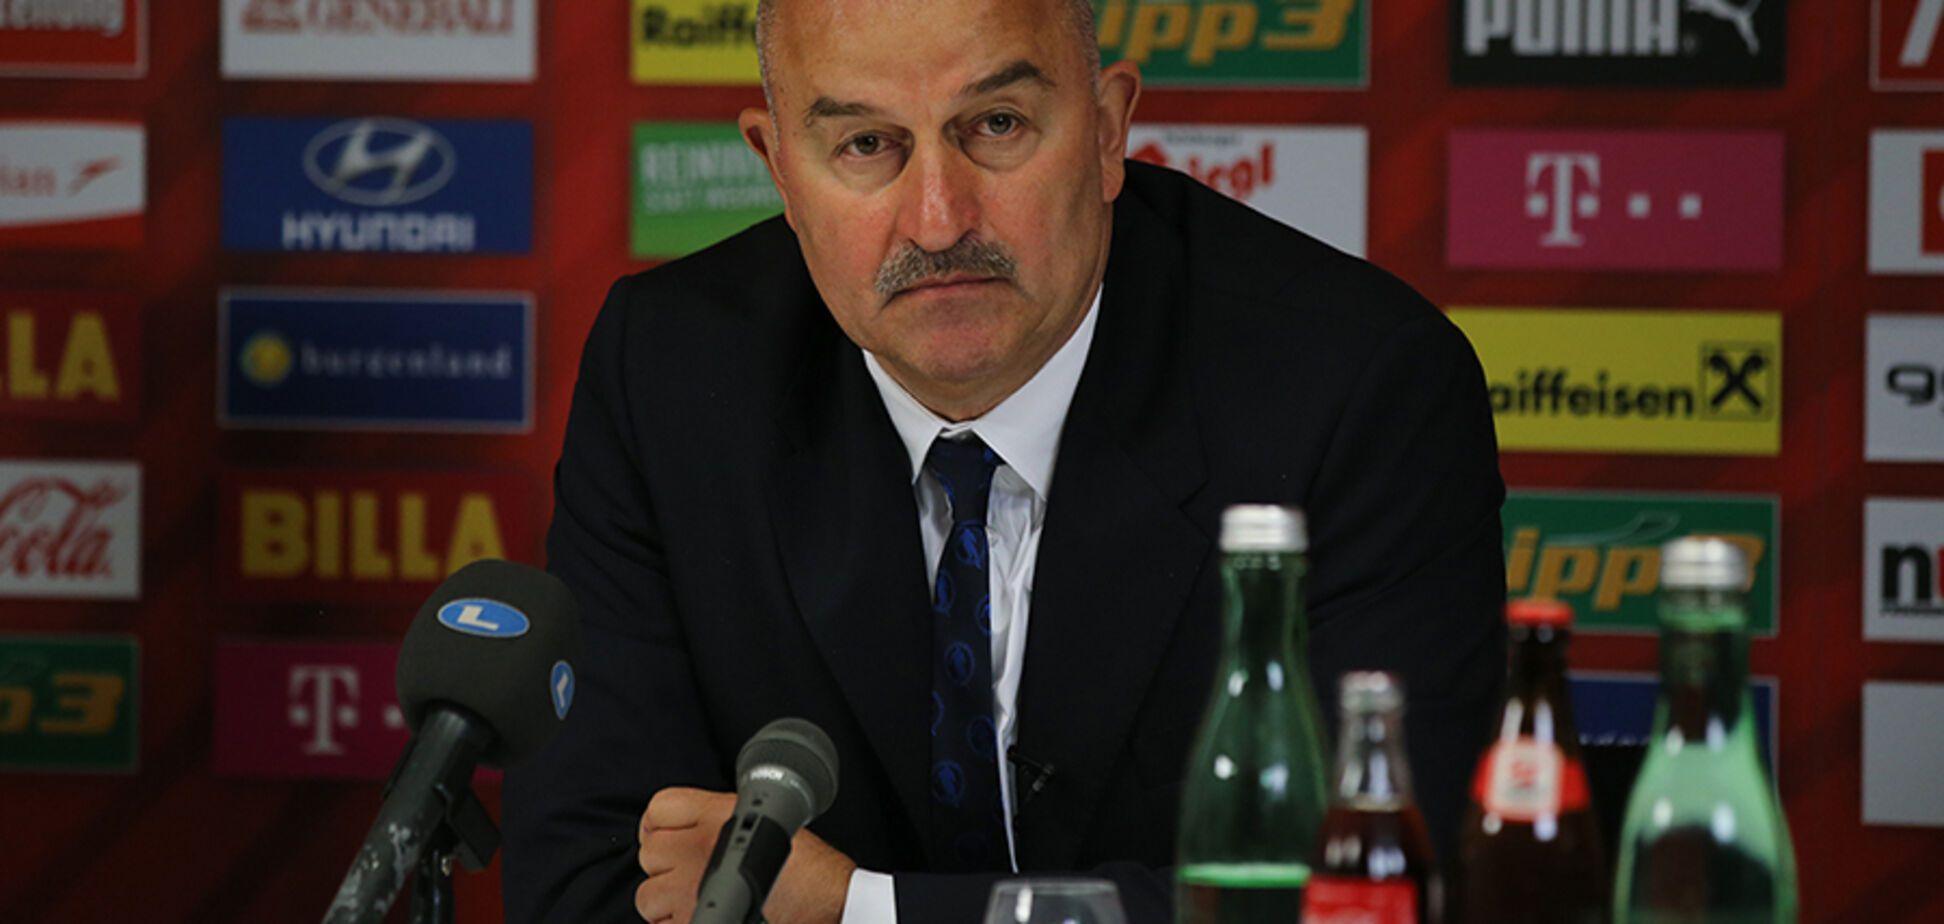 Вистачило на 25 хвилин: тренер збірної Росії безглуздо виправдався після ганебної гри